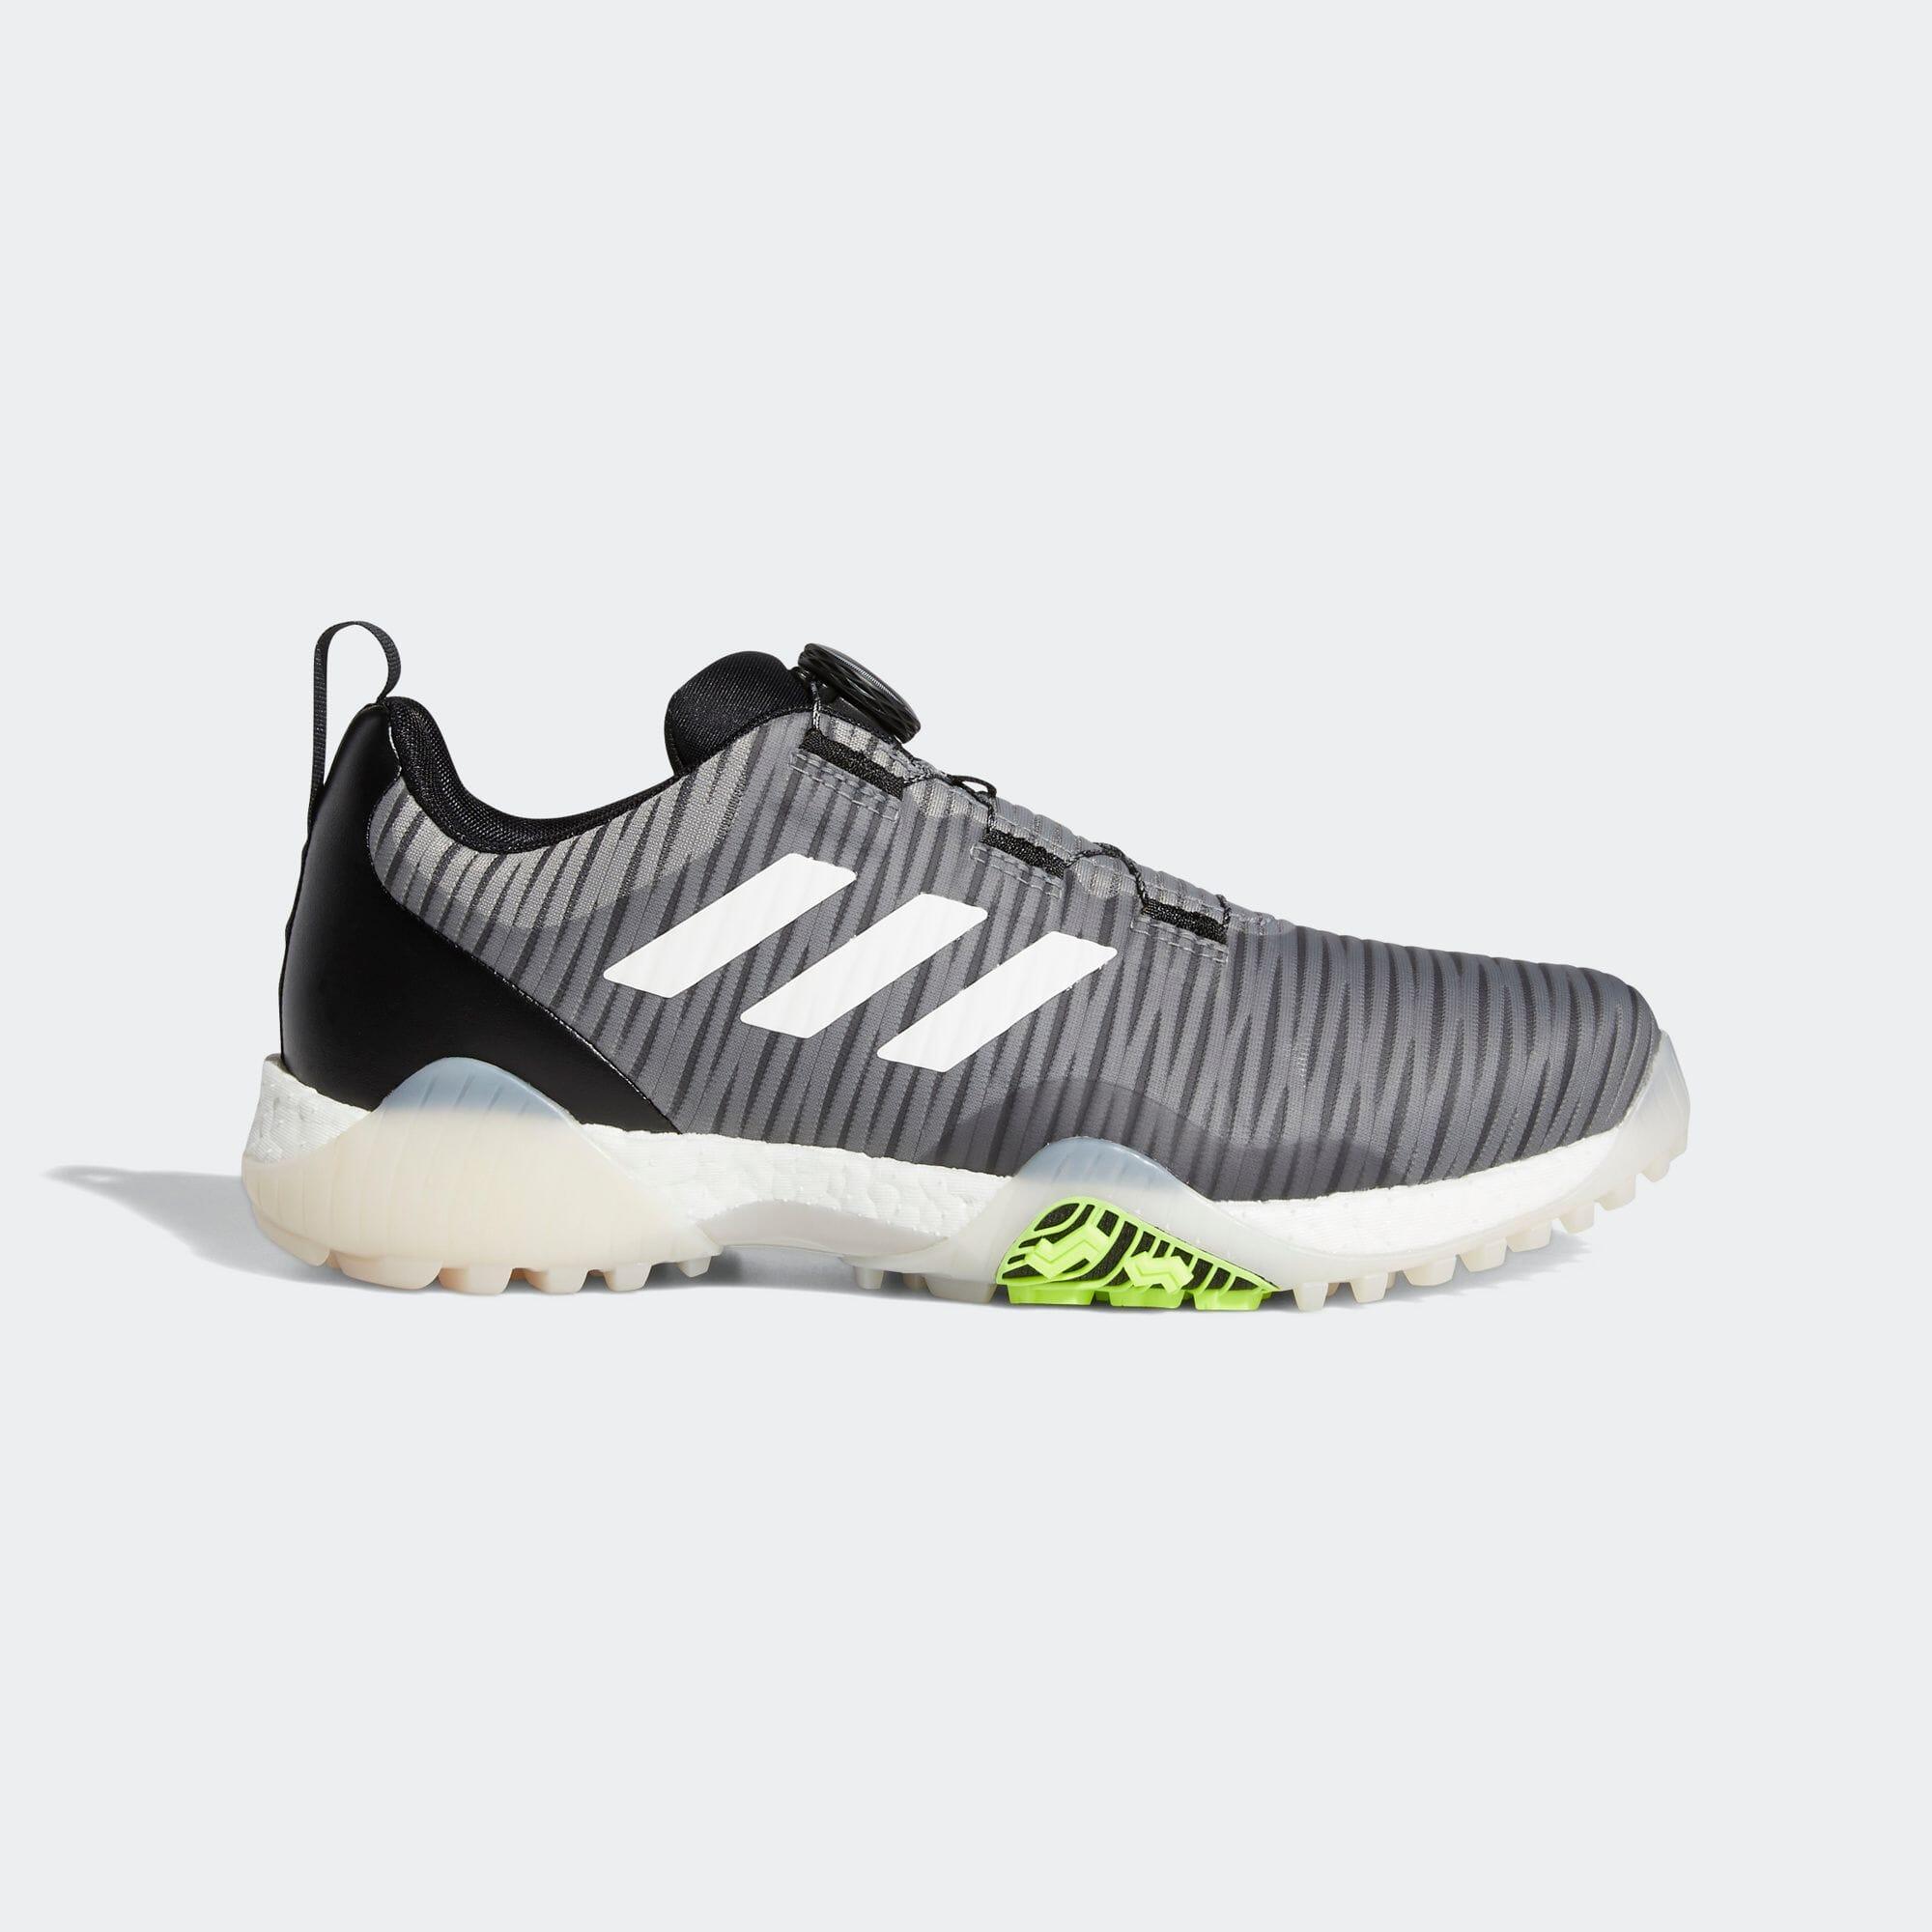 コードカオス ボア ロウ【ゴルフ】/ CodeChaos BOA LO Golf Shoes